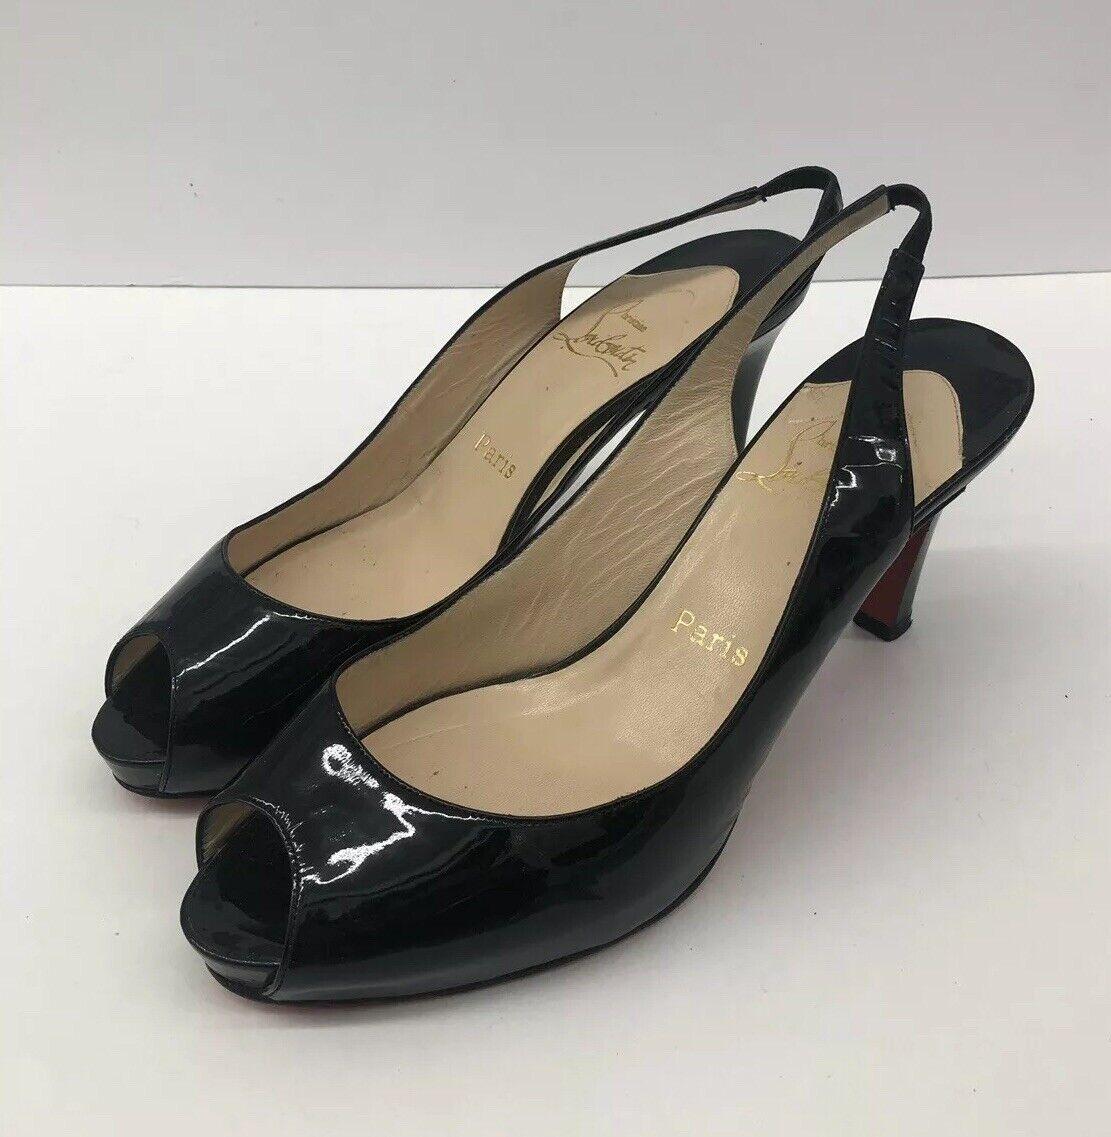 wholesape economico  740 Christian Louboutin Classic Classic Classic nero Patent Peep Heels donna Sz 40eu   10 us  la migliore selezione di